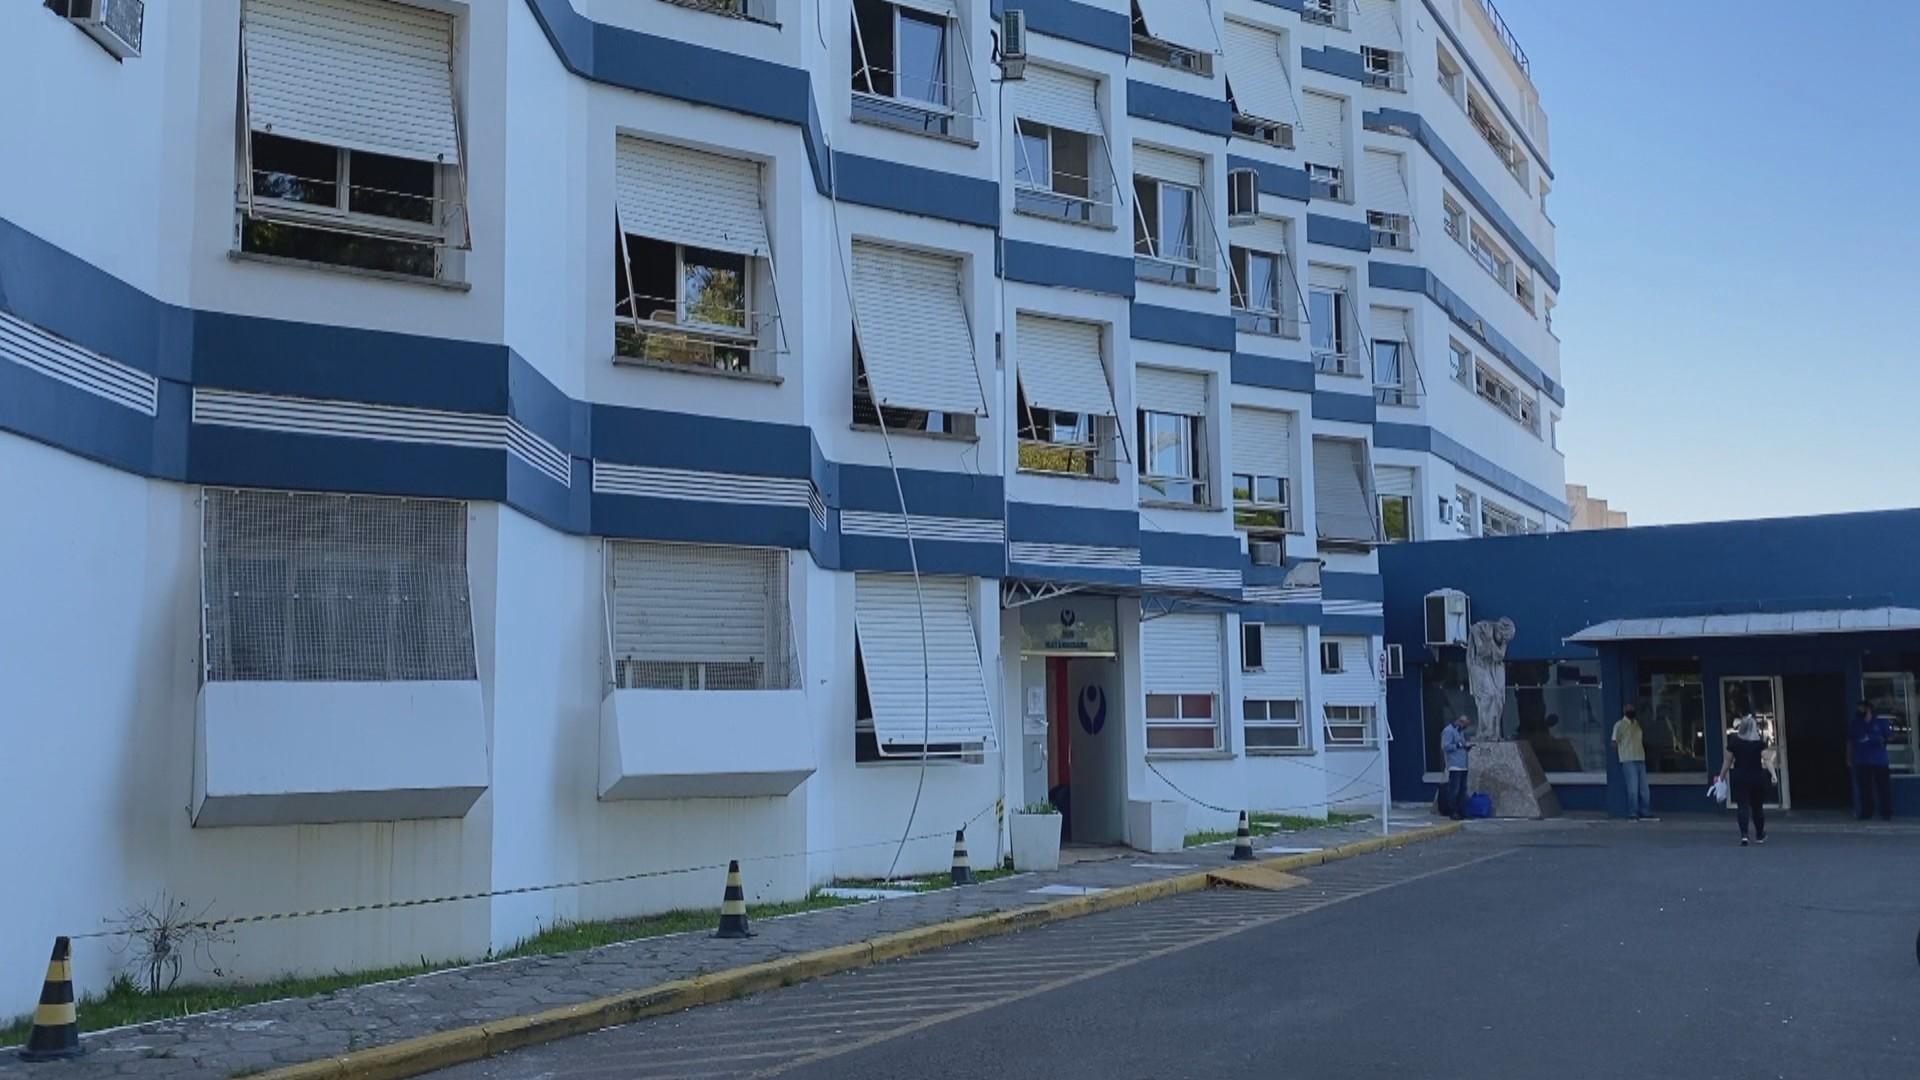 Homem morre após surto de Covid em lar para idosos em Uruguaiana